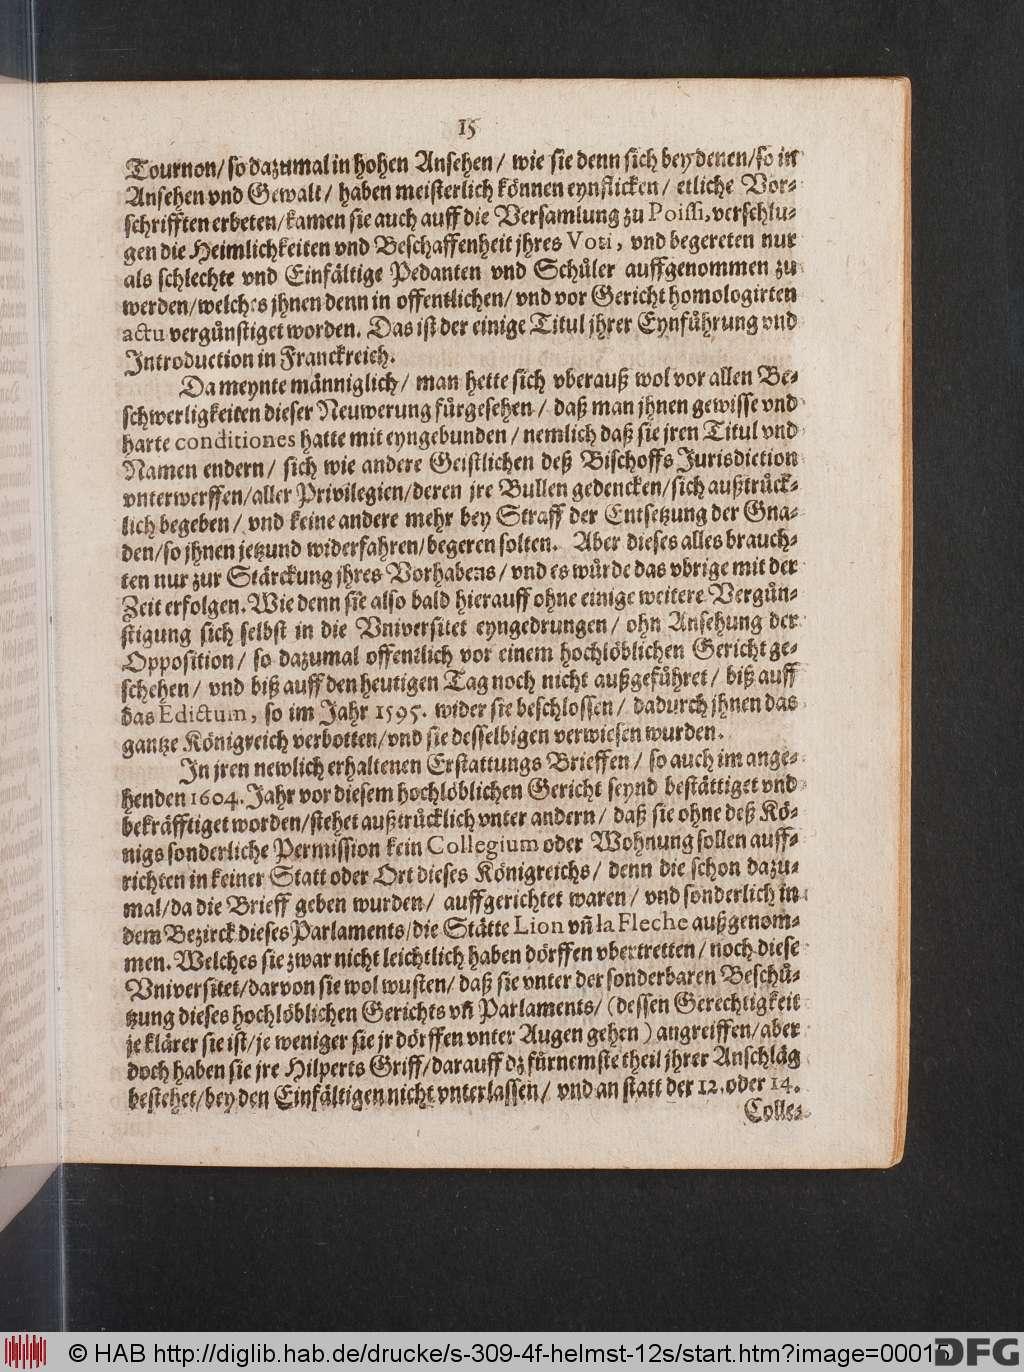 http://diglib.hab.de/drucke/s-309-4f-helmst-12s/00015.jpg